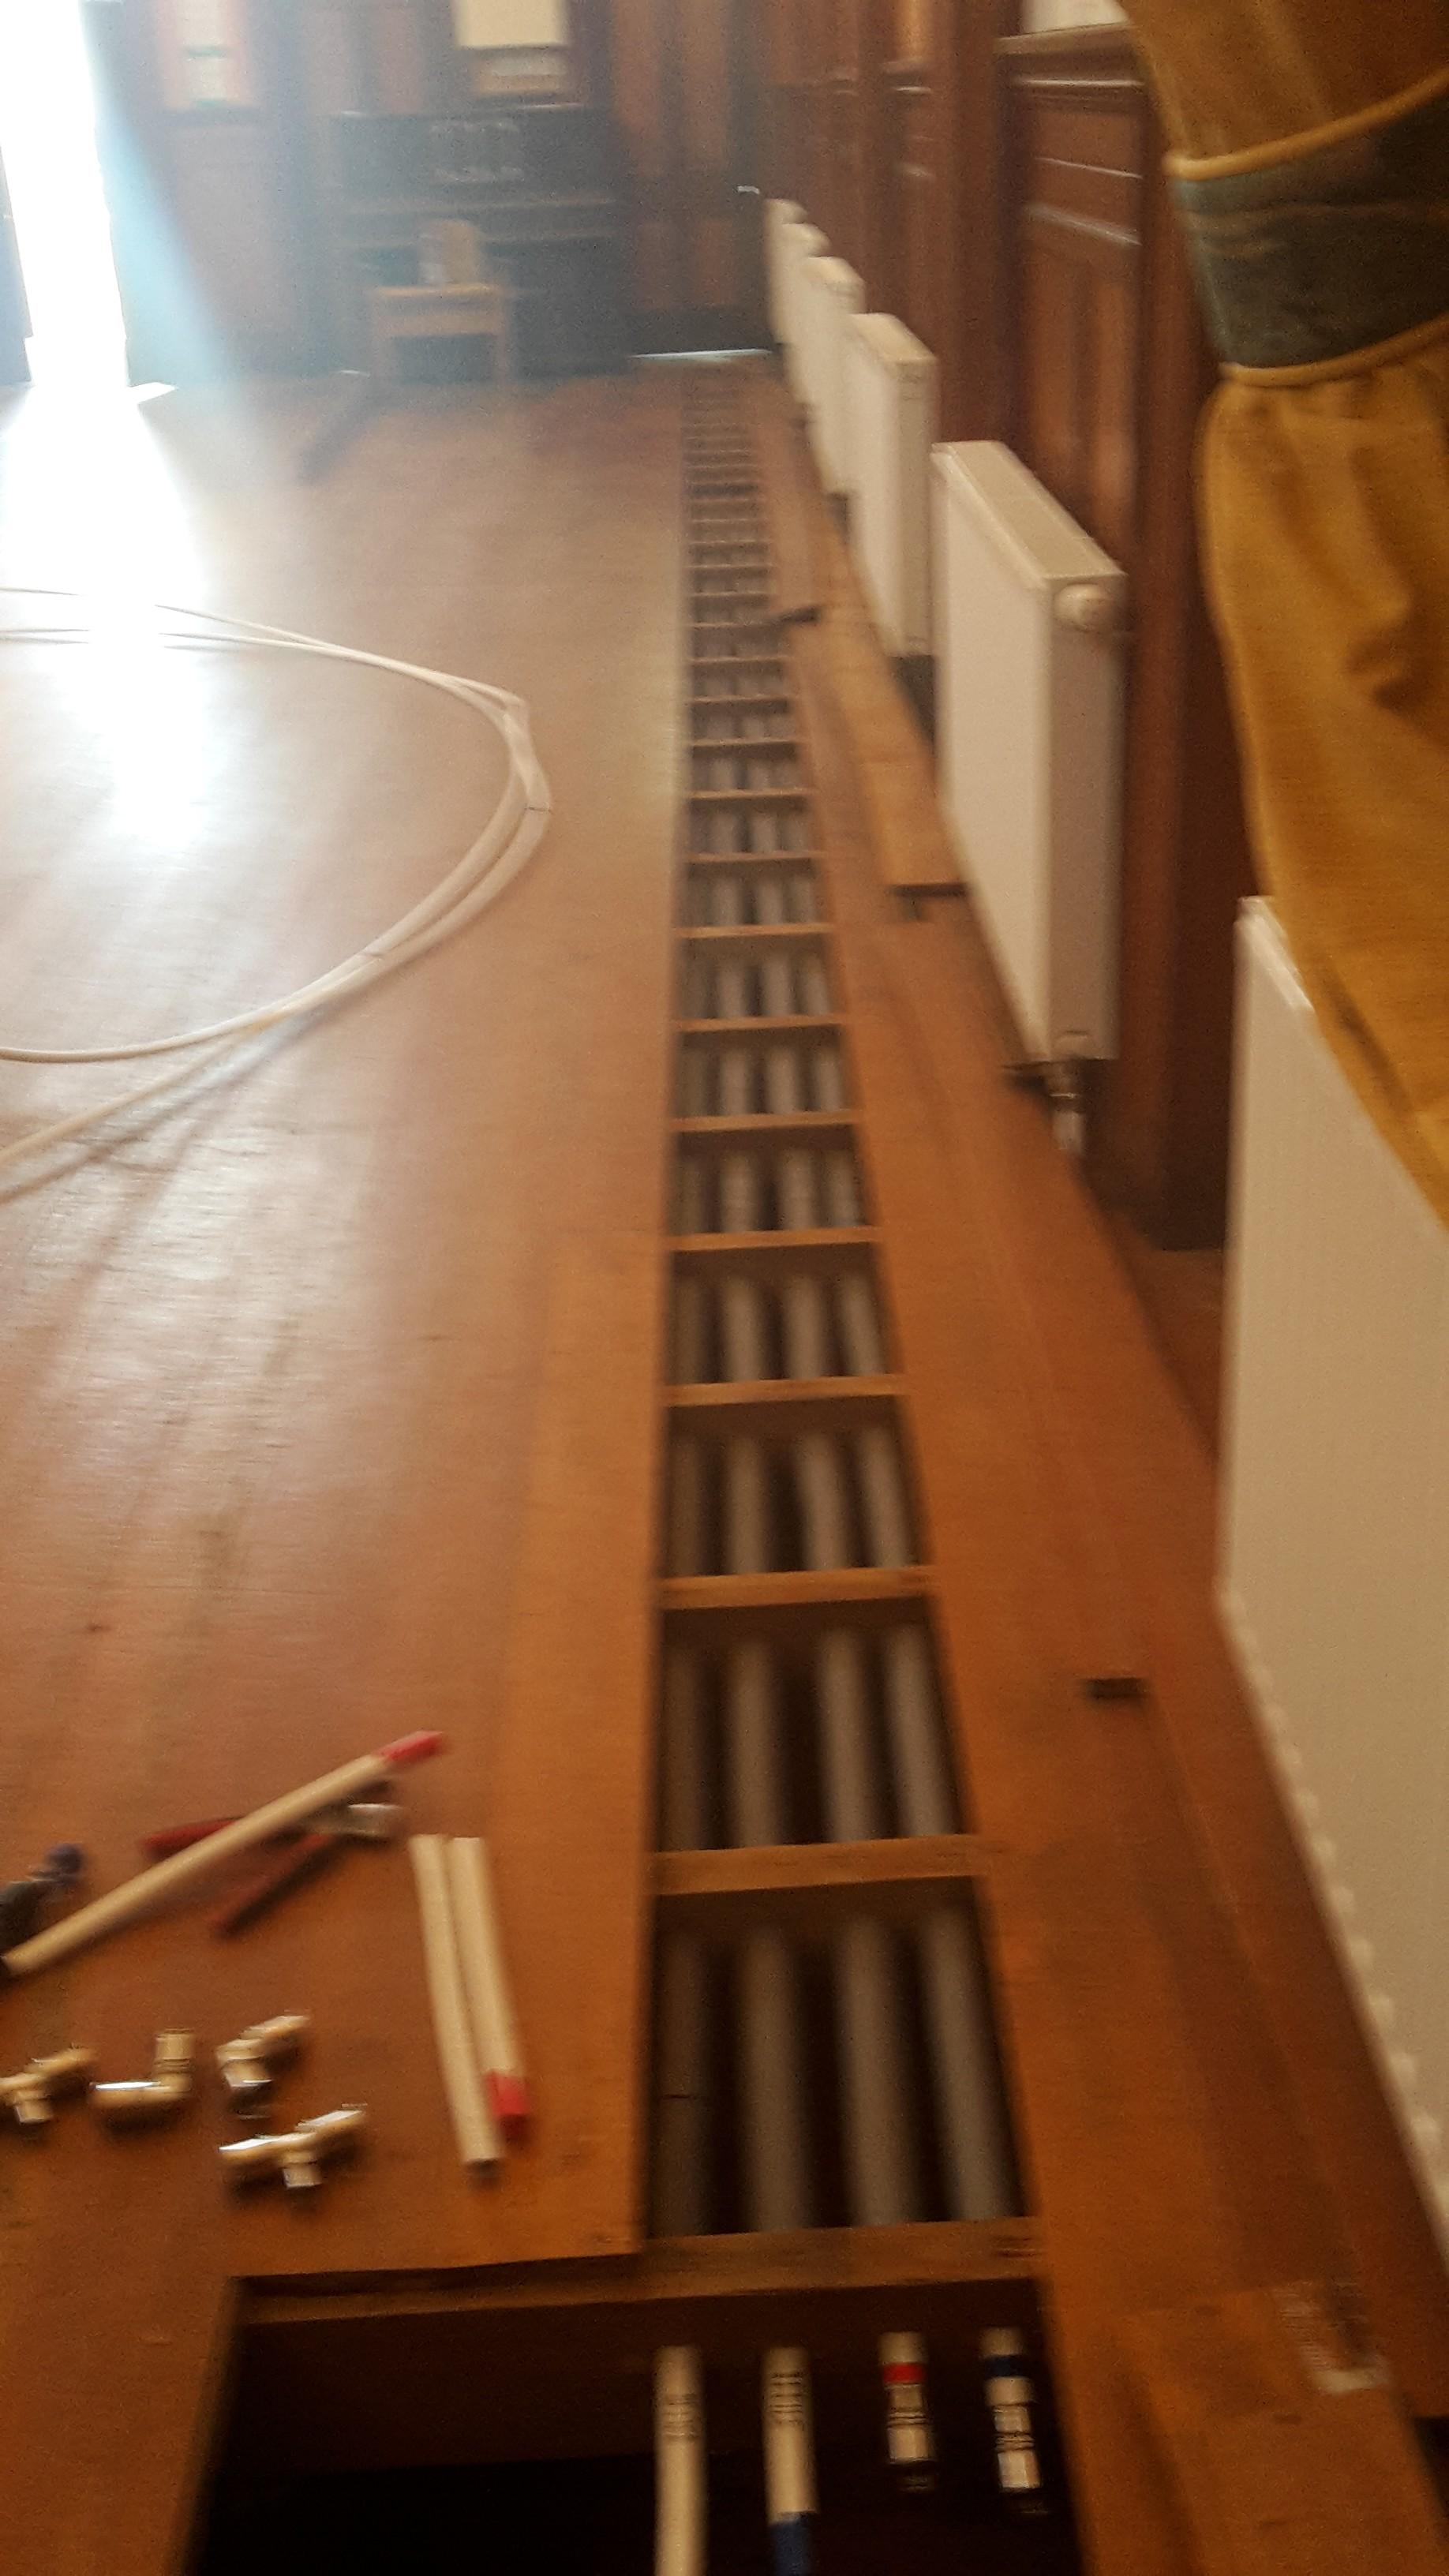 Discreet pipework hidden underfloor